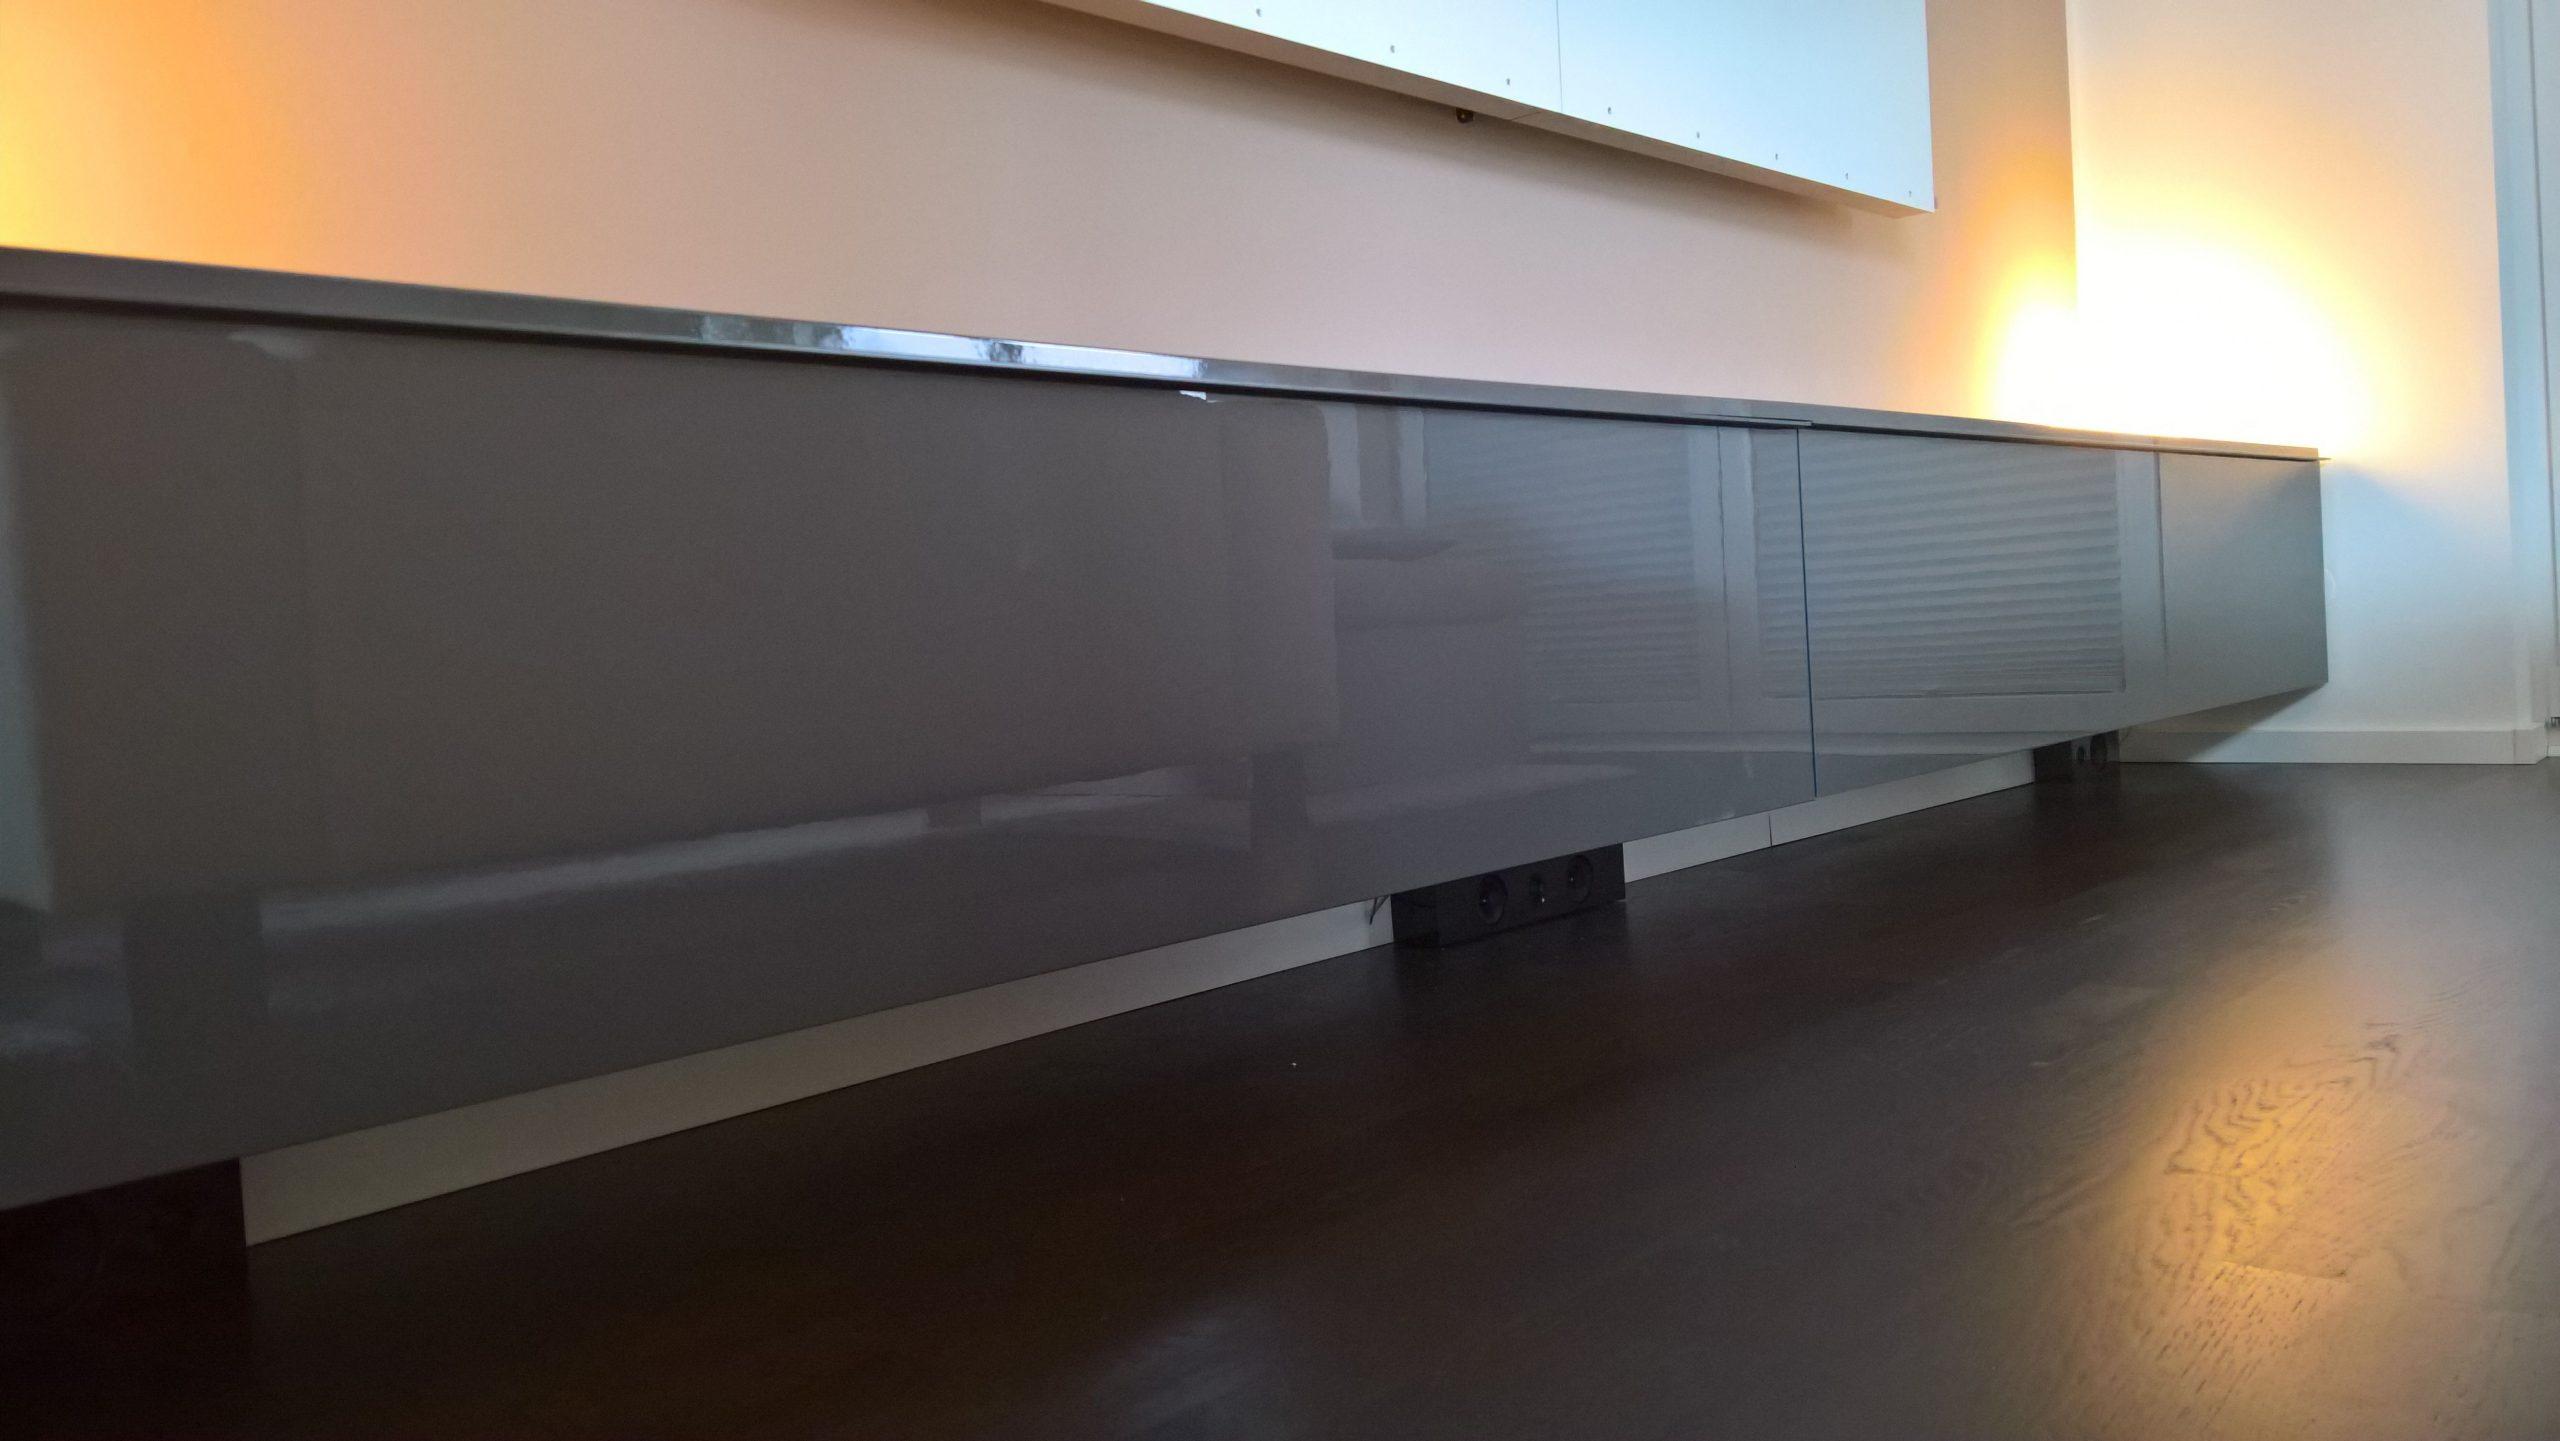 Full Size of Hngeschrank Lowboard Aus Godmorgon Hochschrnken Ikea Hack Hängeschrank Bad Küche Kaufen Kosten Höhe Sofa Mit Schlaffunktion Modulküche Badezimmer Weiß Wohnzimmer Ikea Hängeschrank